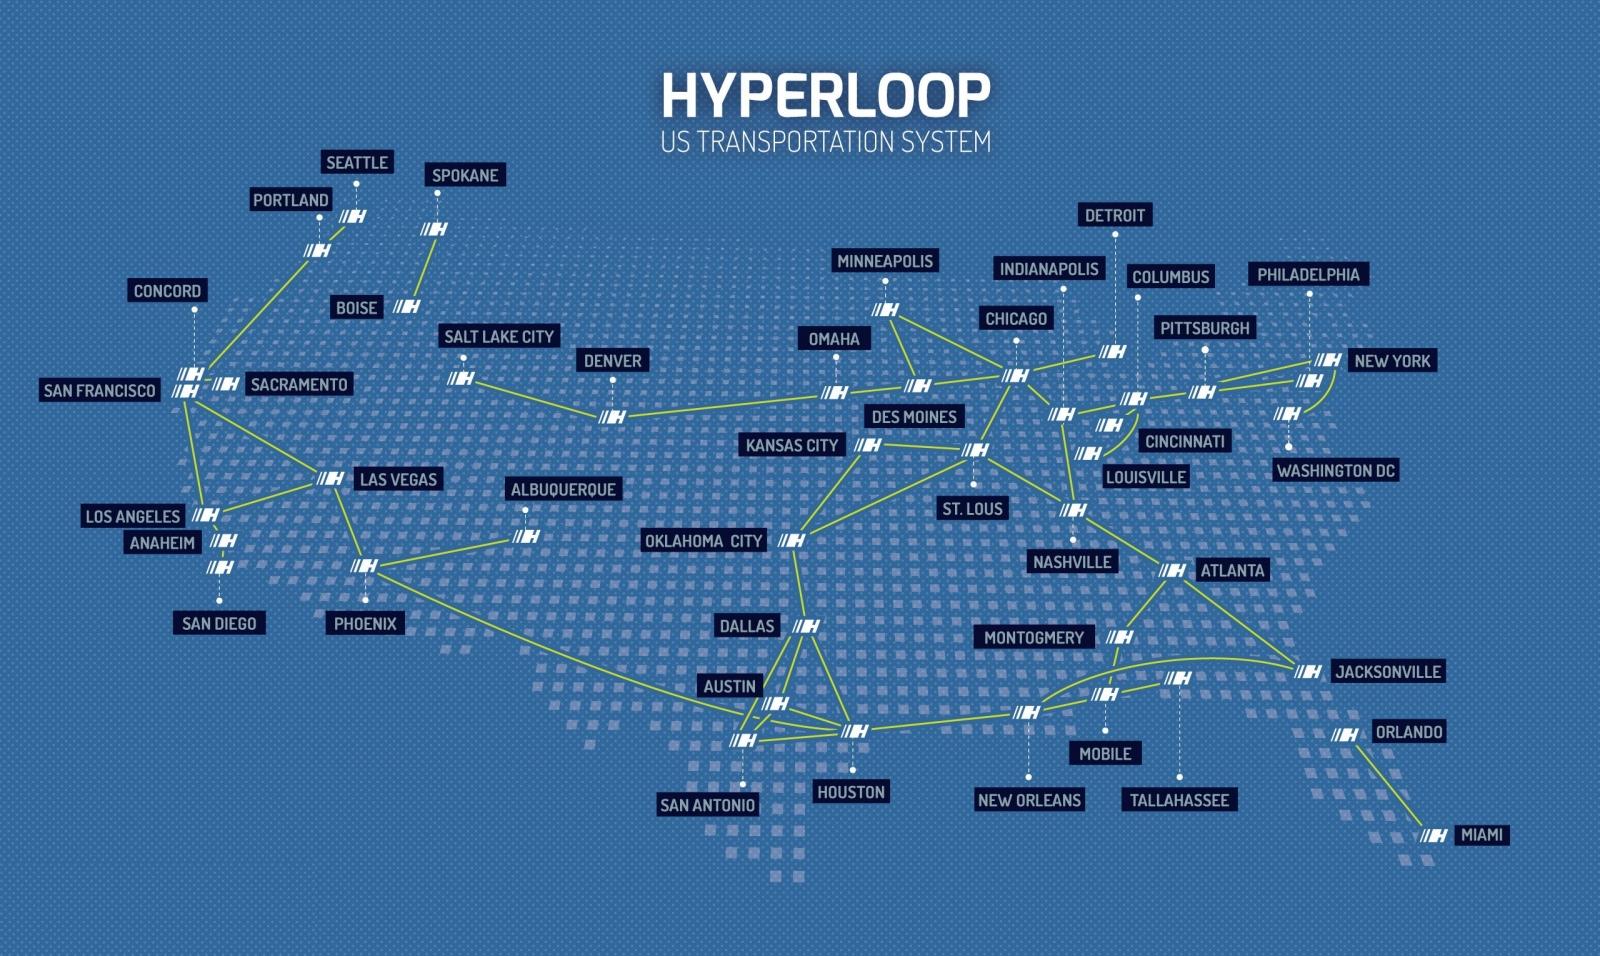 hyperloop HTT musk quay valley